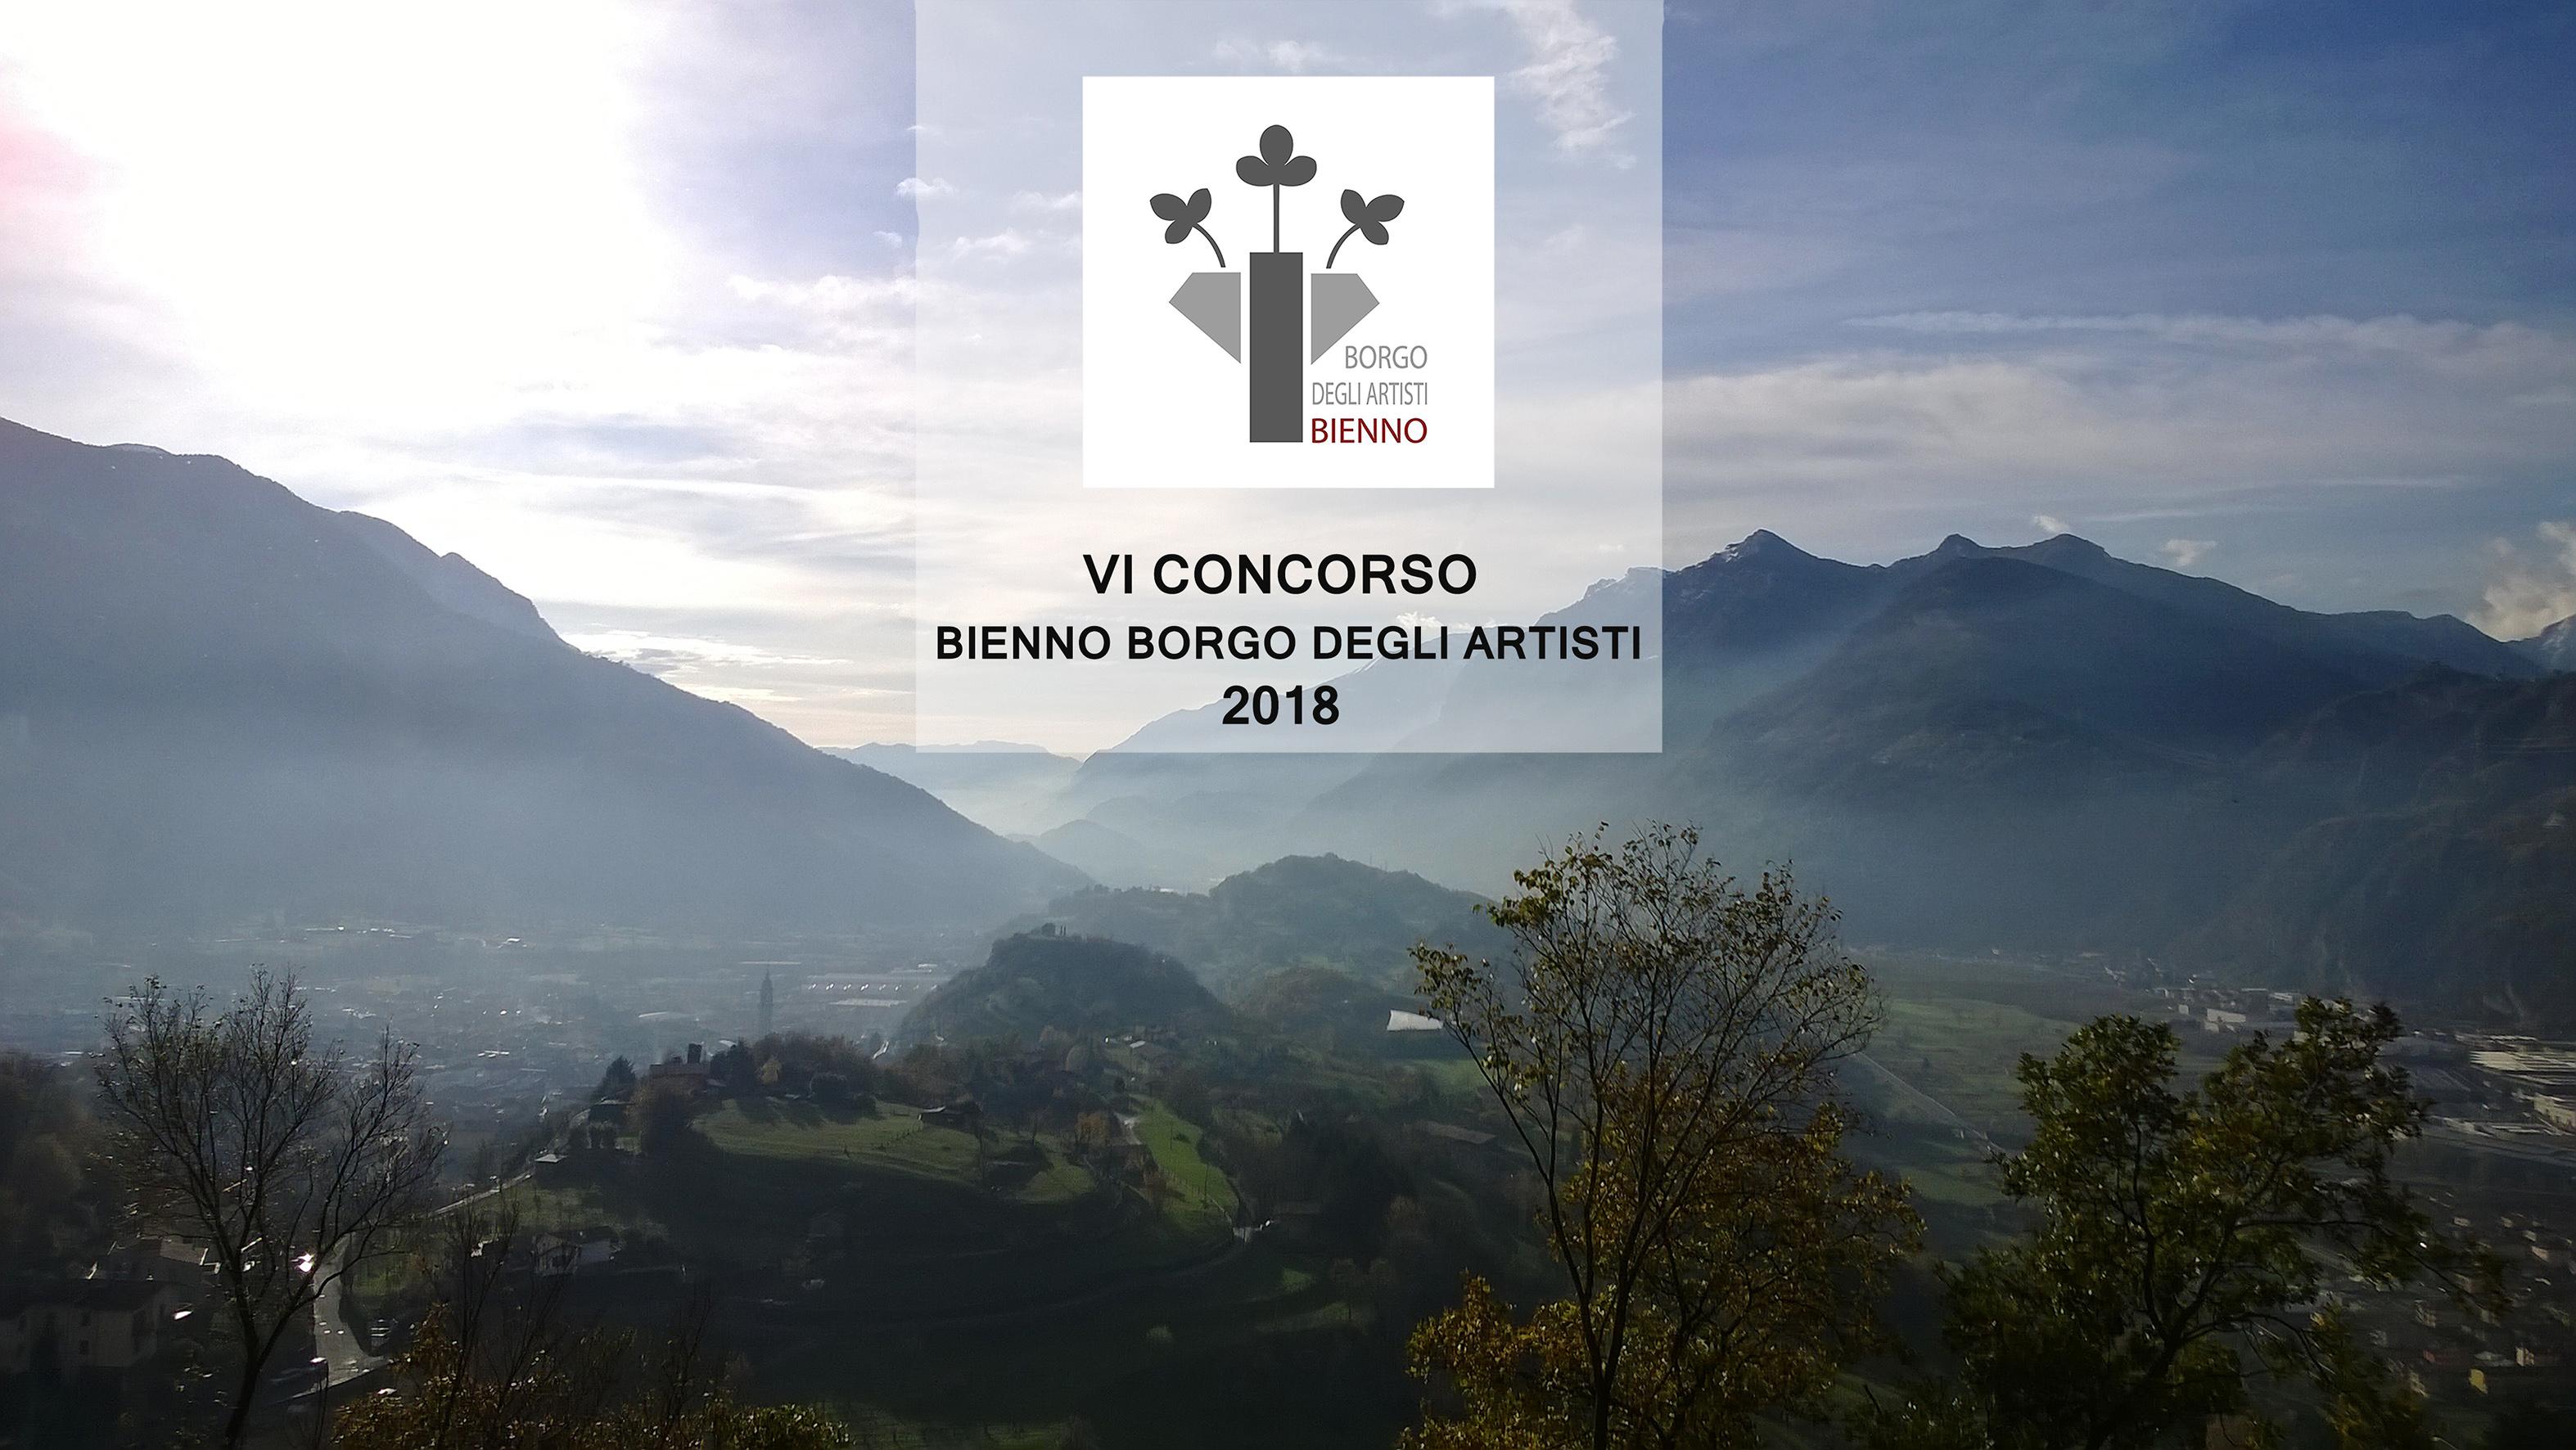 Bienno borgo degli artisti concorso residenze artistiche for Residenza degli artisti